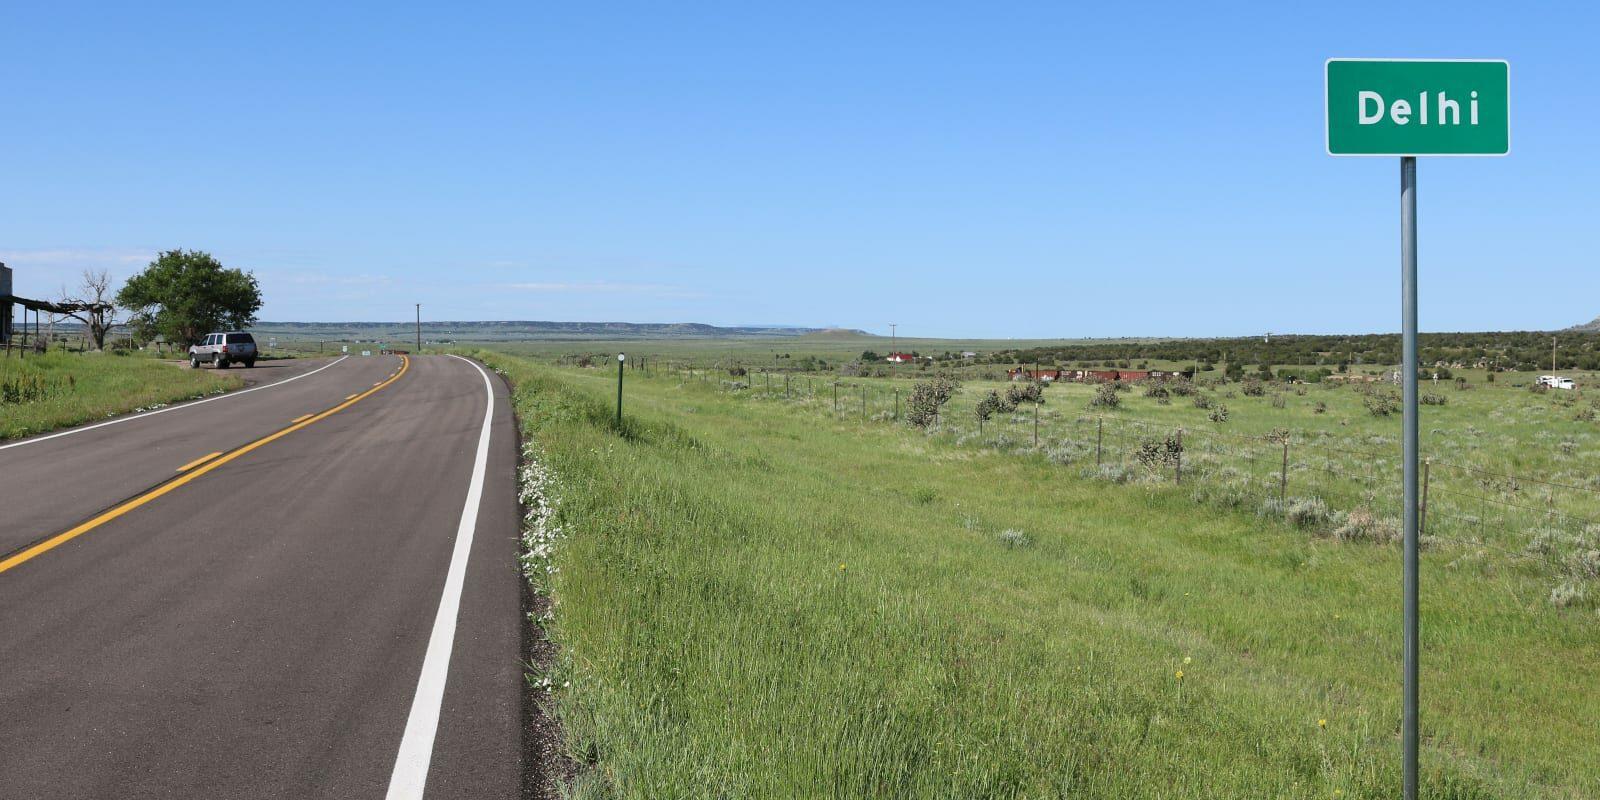 Delhi Colorado U.S. Route 350